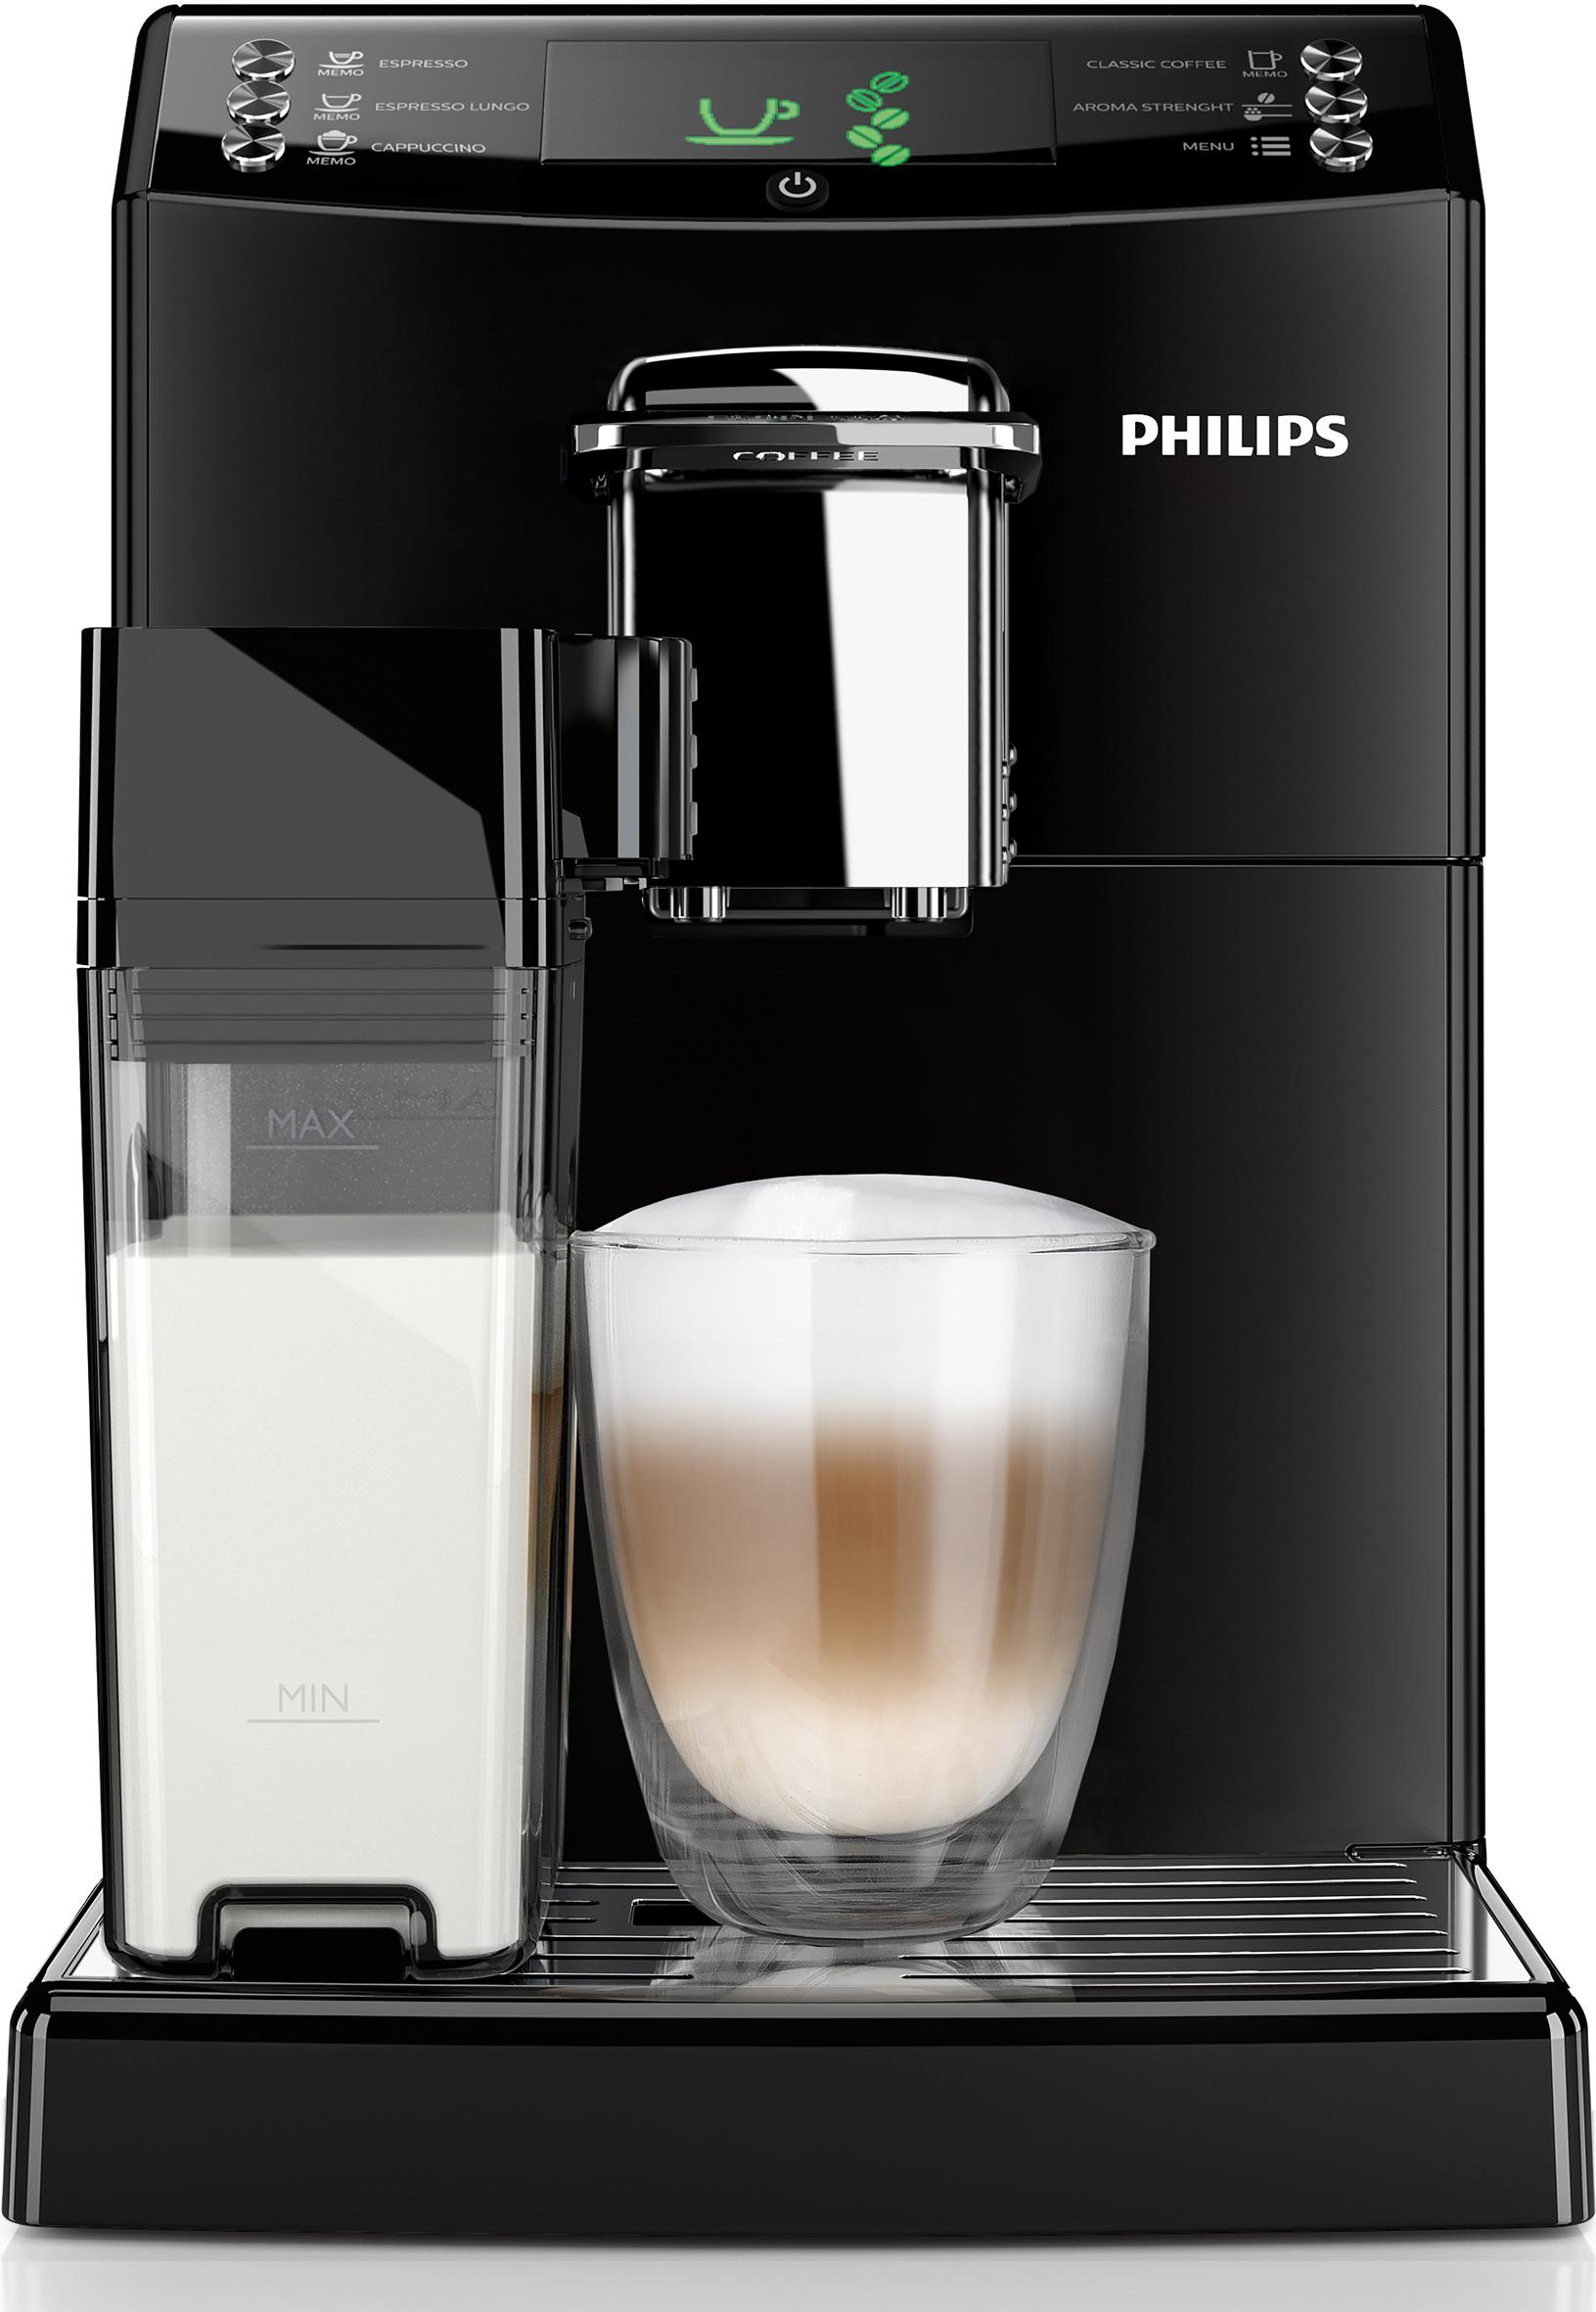 philips kaffeemaschine serie 4000 hd8847 01 mit karaffe zum aufsch umen von milch. Black Bedroom Furniture Sets. Home Design Ideas